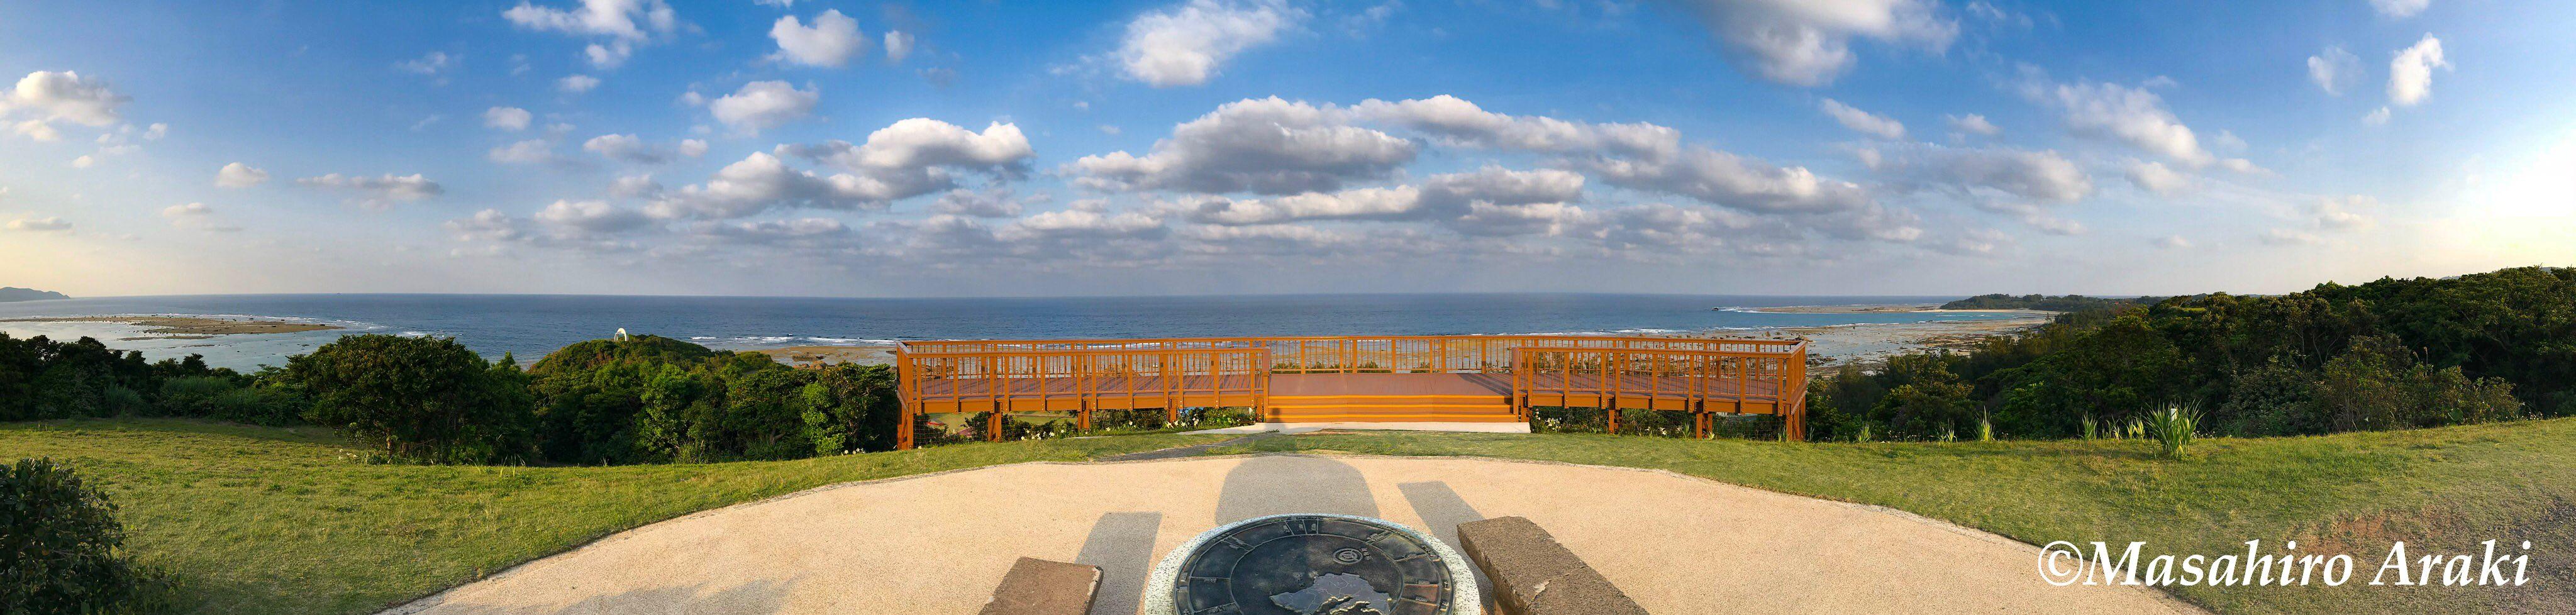 あやまる岬観光案内所観光公園展望デッキからの風景写真001_05 のコピー